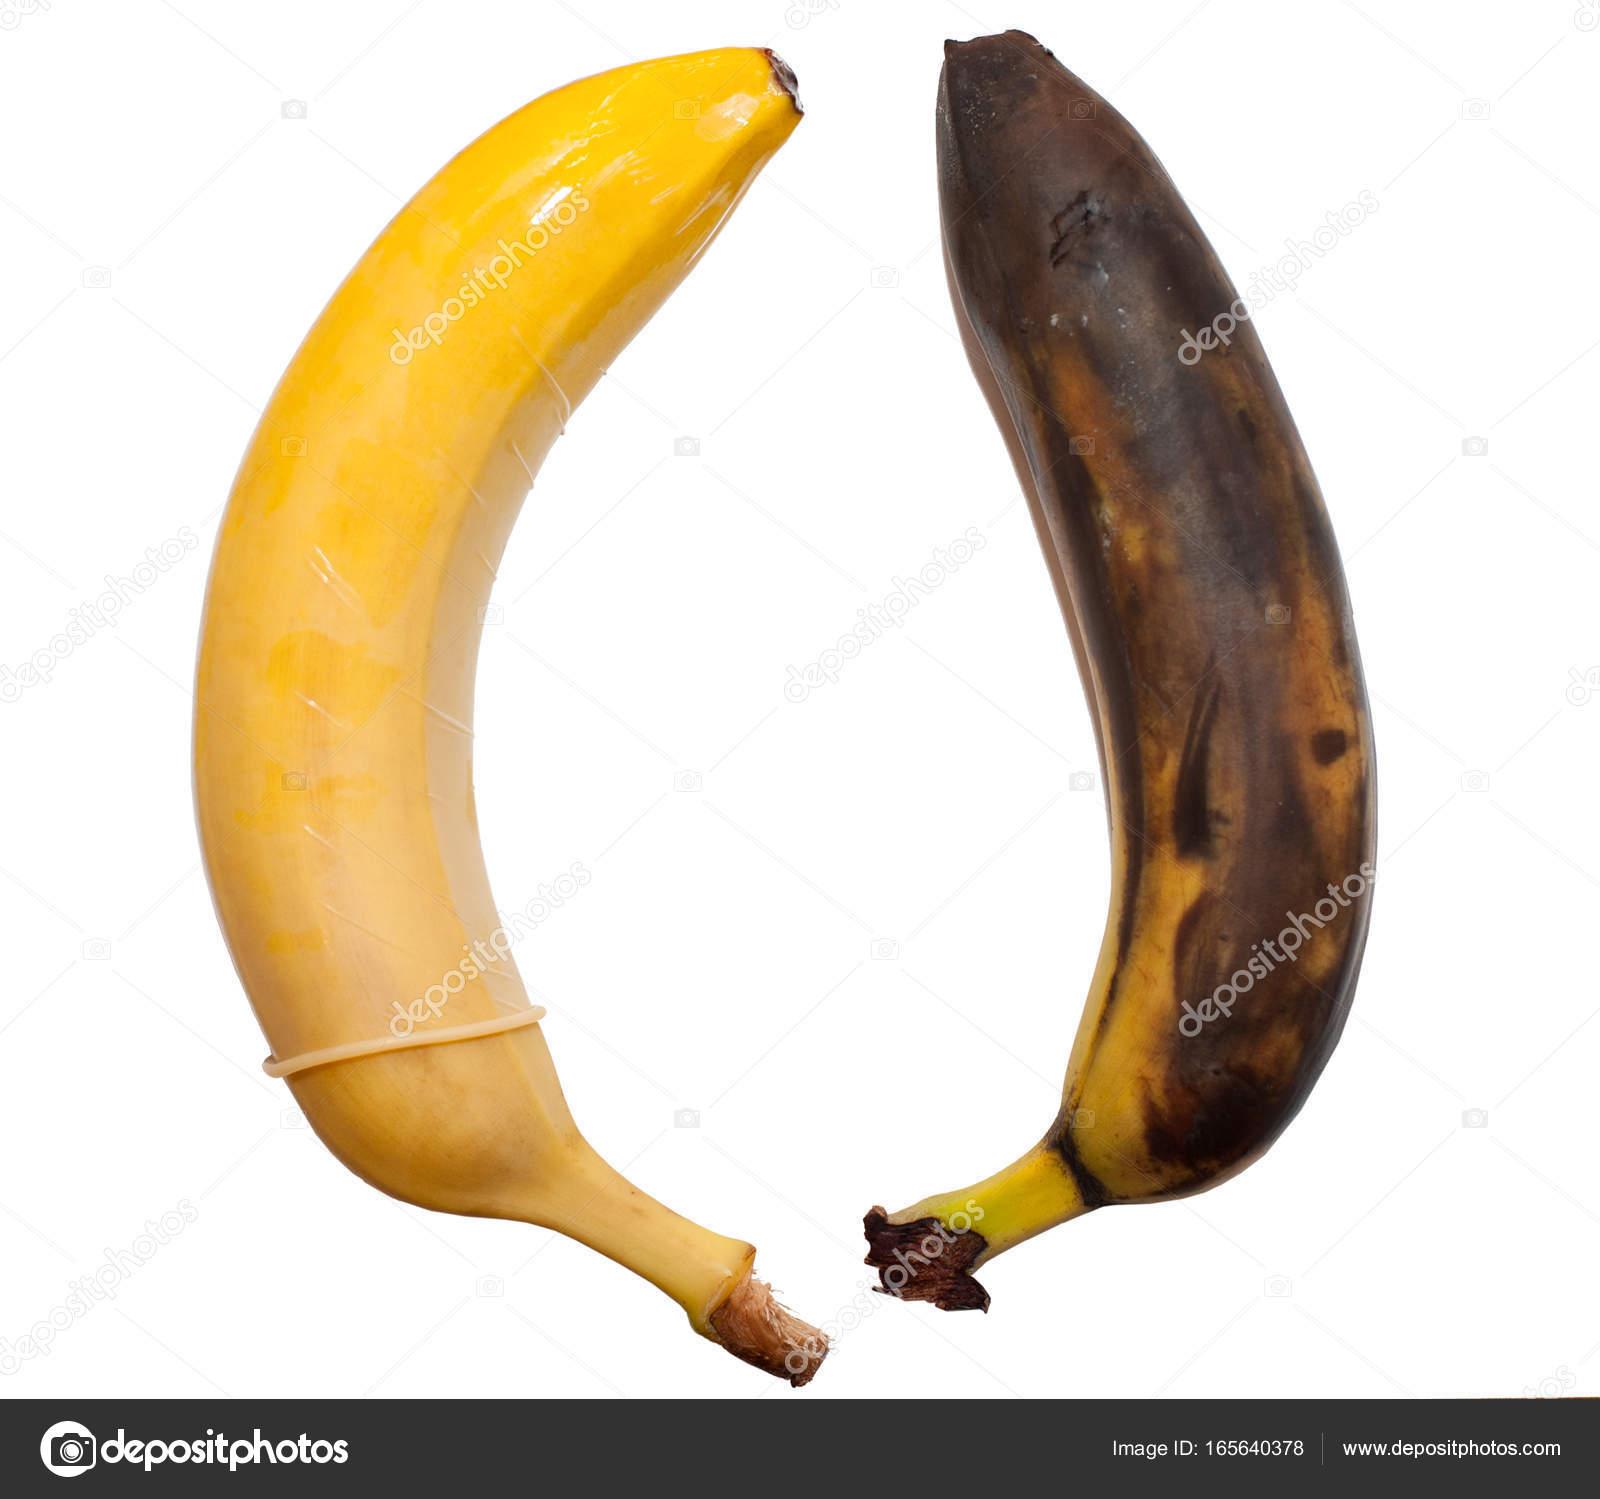 banaan anale seks slordige natte Pussy Porn